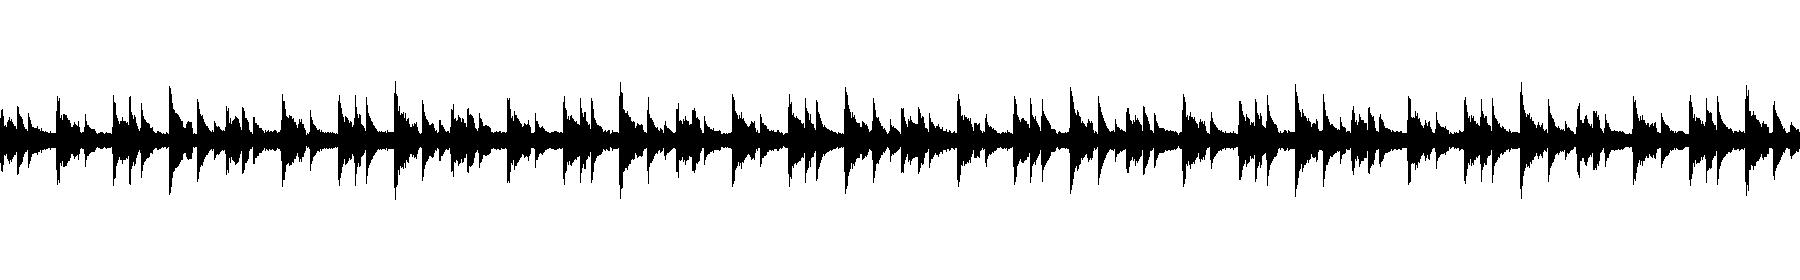 vedh melodyloop 088 amaj7 b fm gm 125bpm